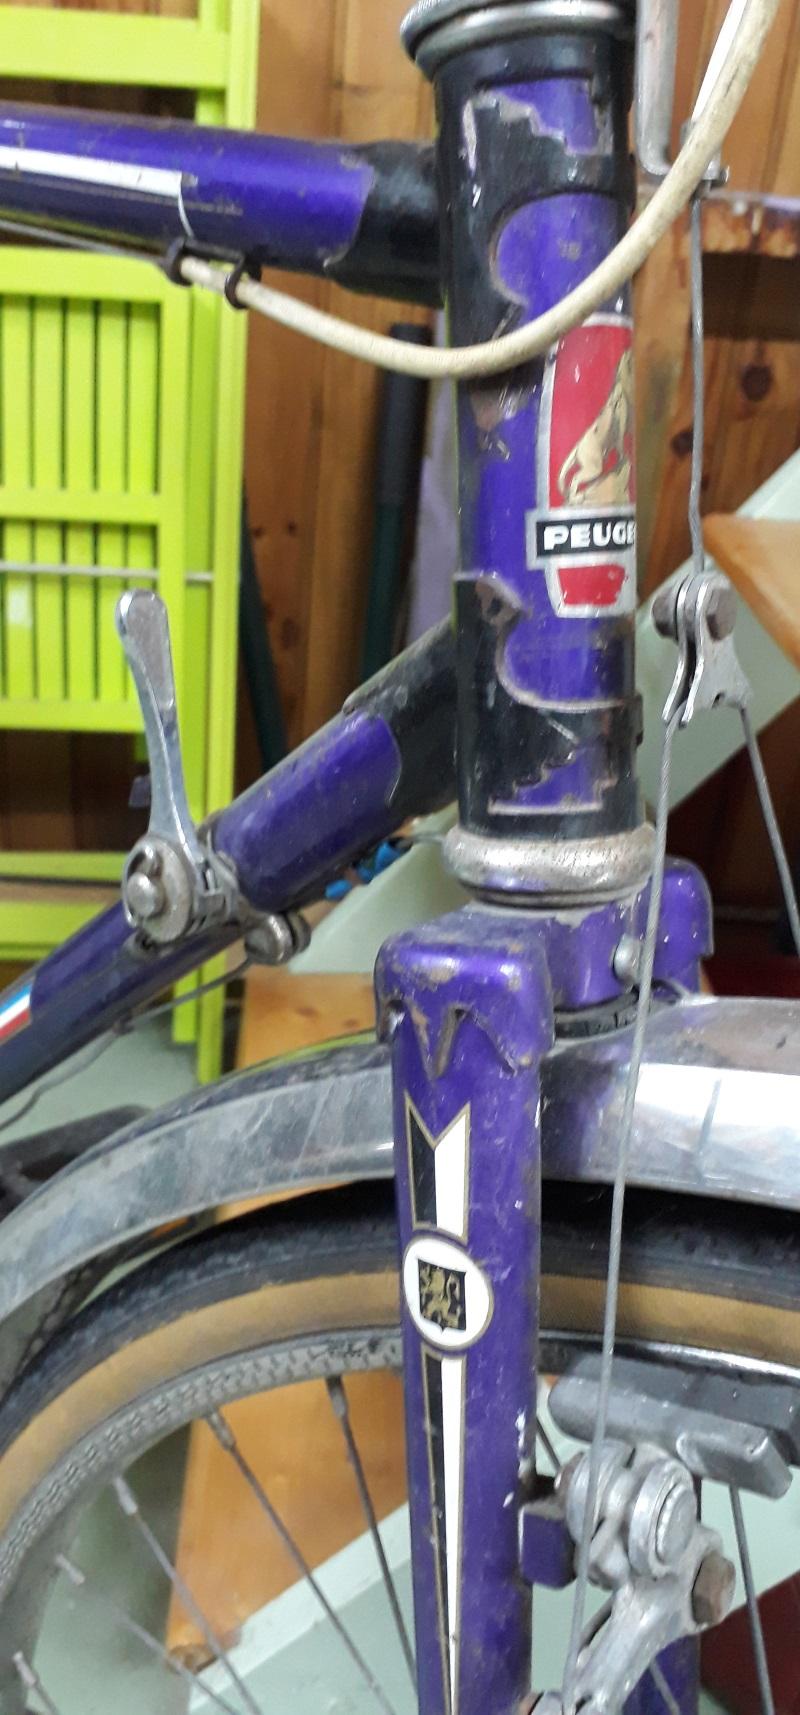 Peugeot randonneur violet Peugeo18